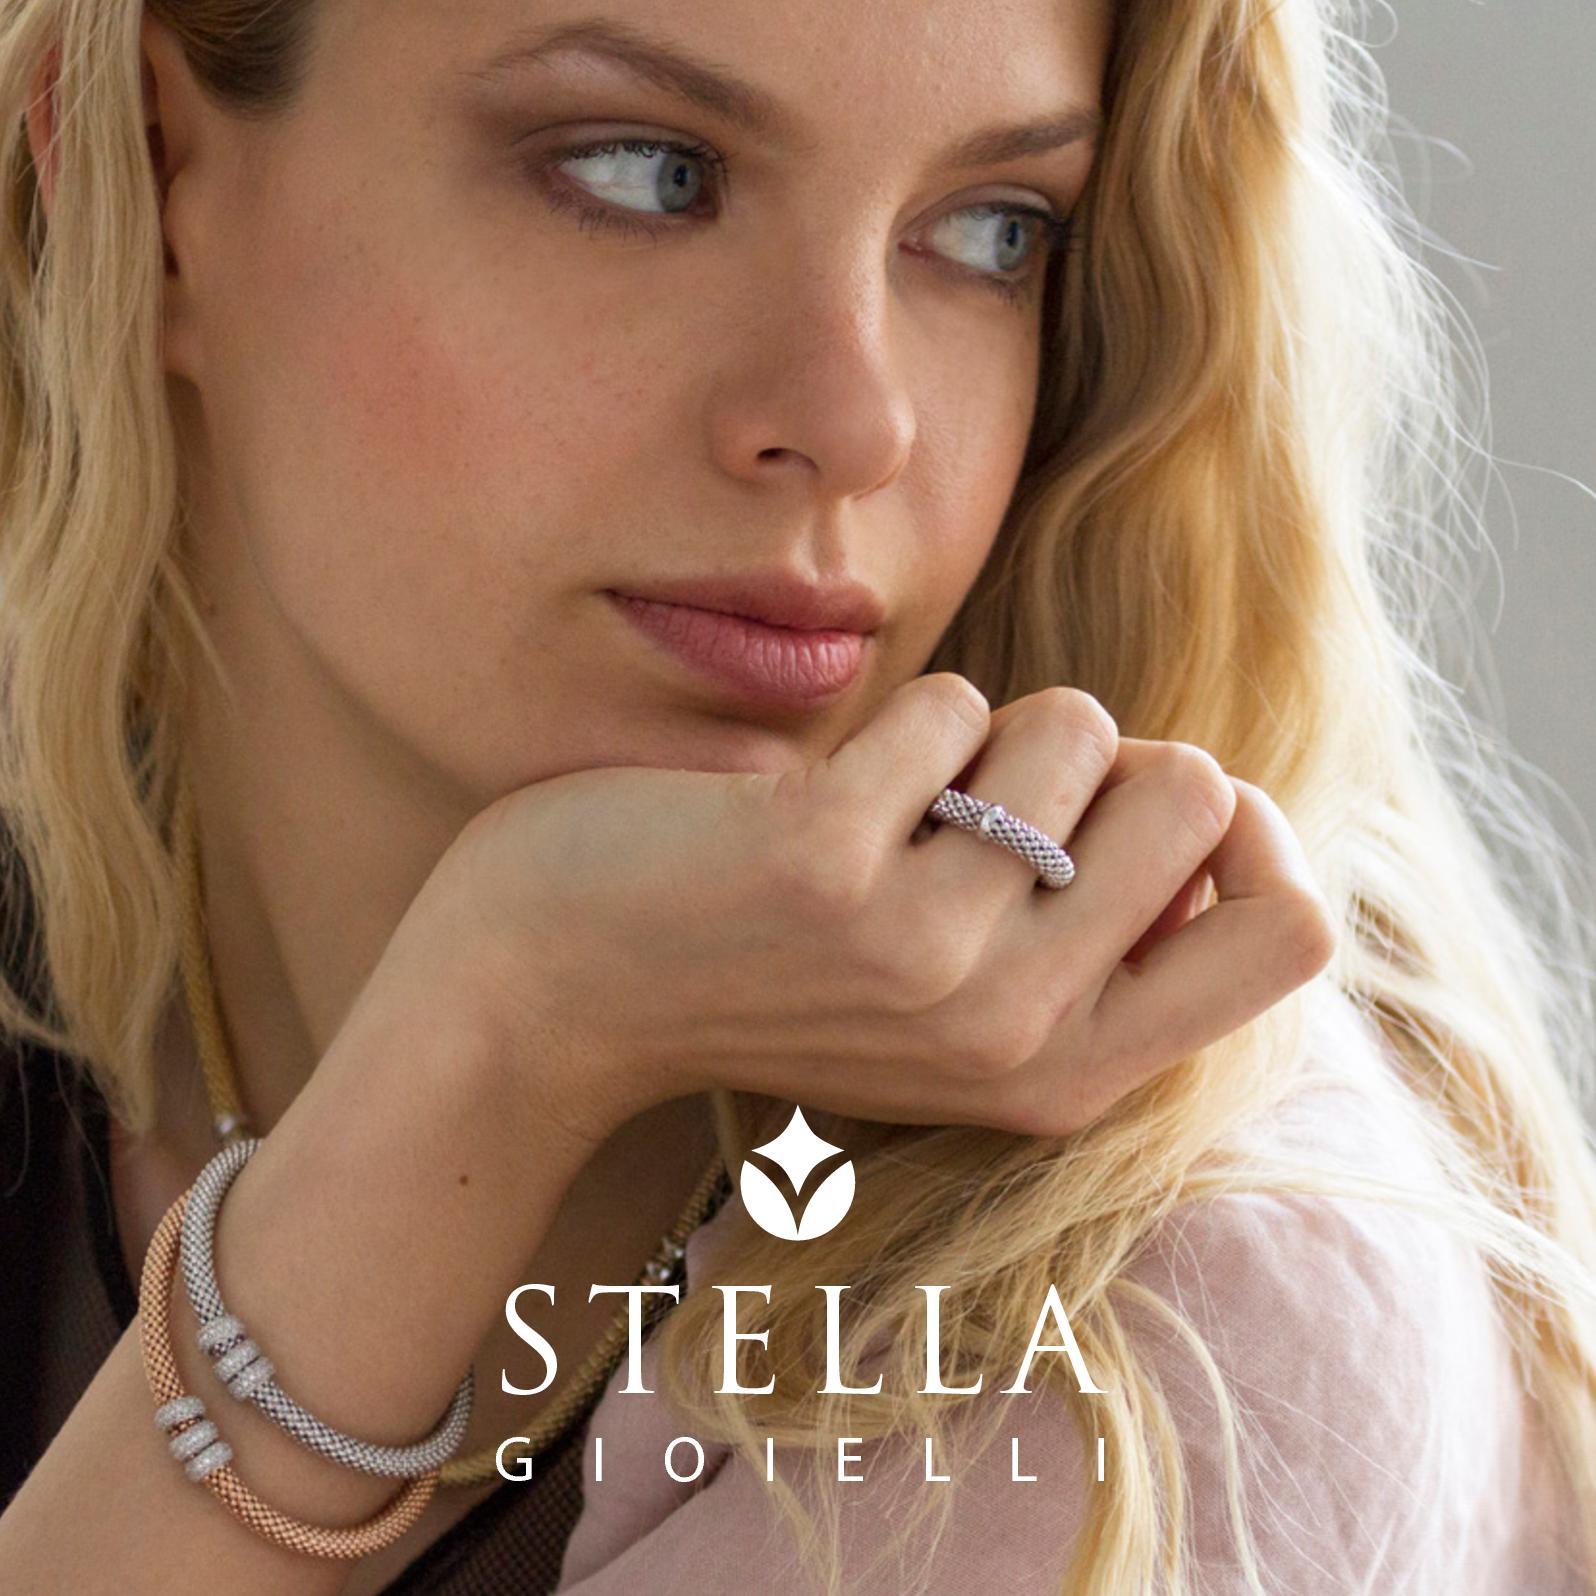 Stella Gioielli